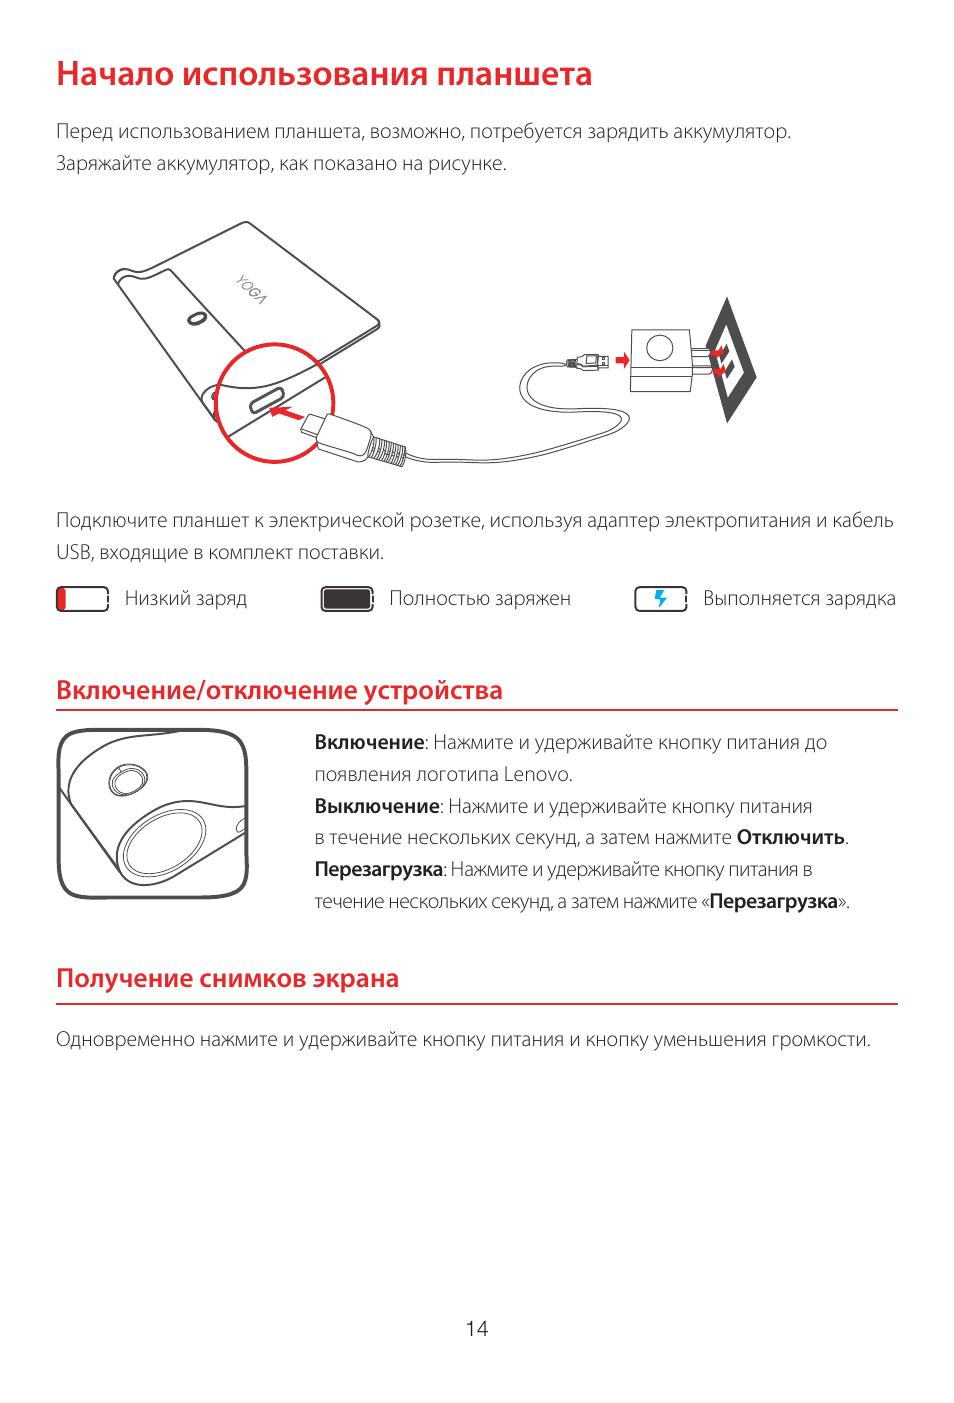 инструкция по использованию планшета lenovo tab 10